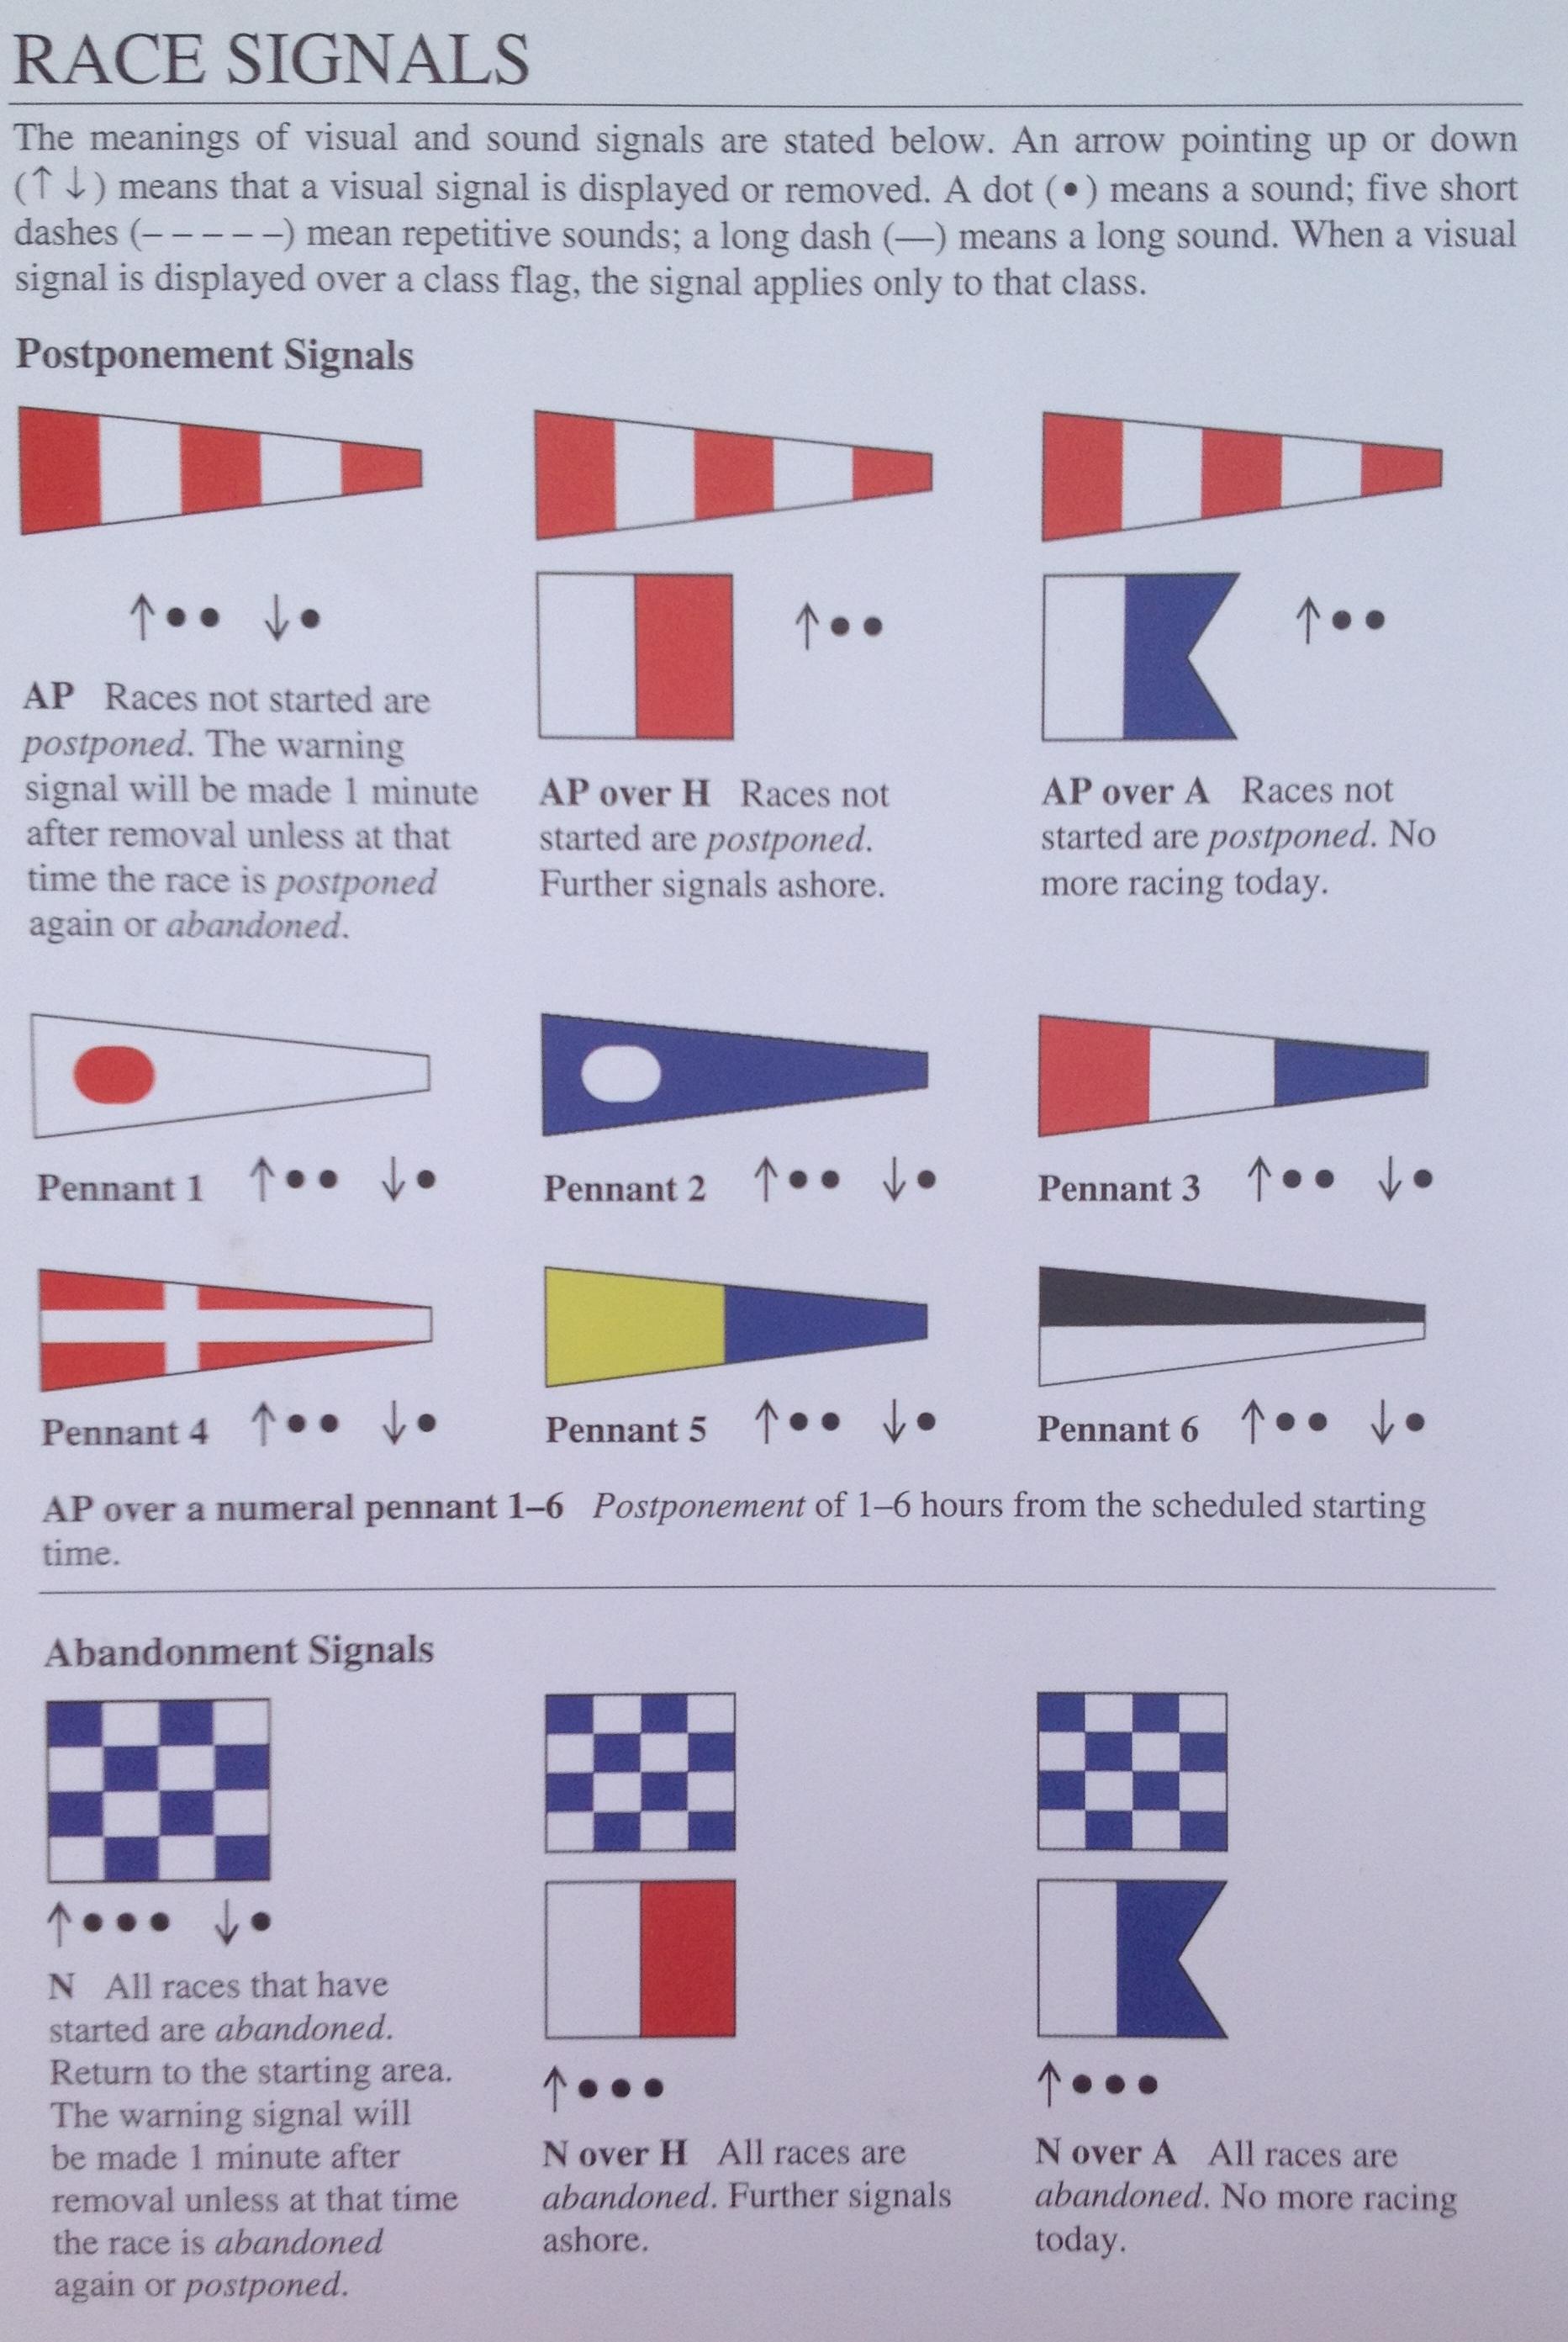 在海上,裁判给予任何指令都用信号旗。学习一些最常用的信号旗及它的作用. 29b.jpg